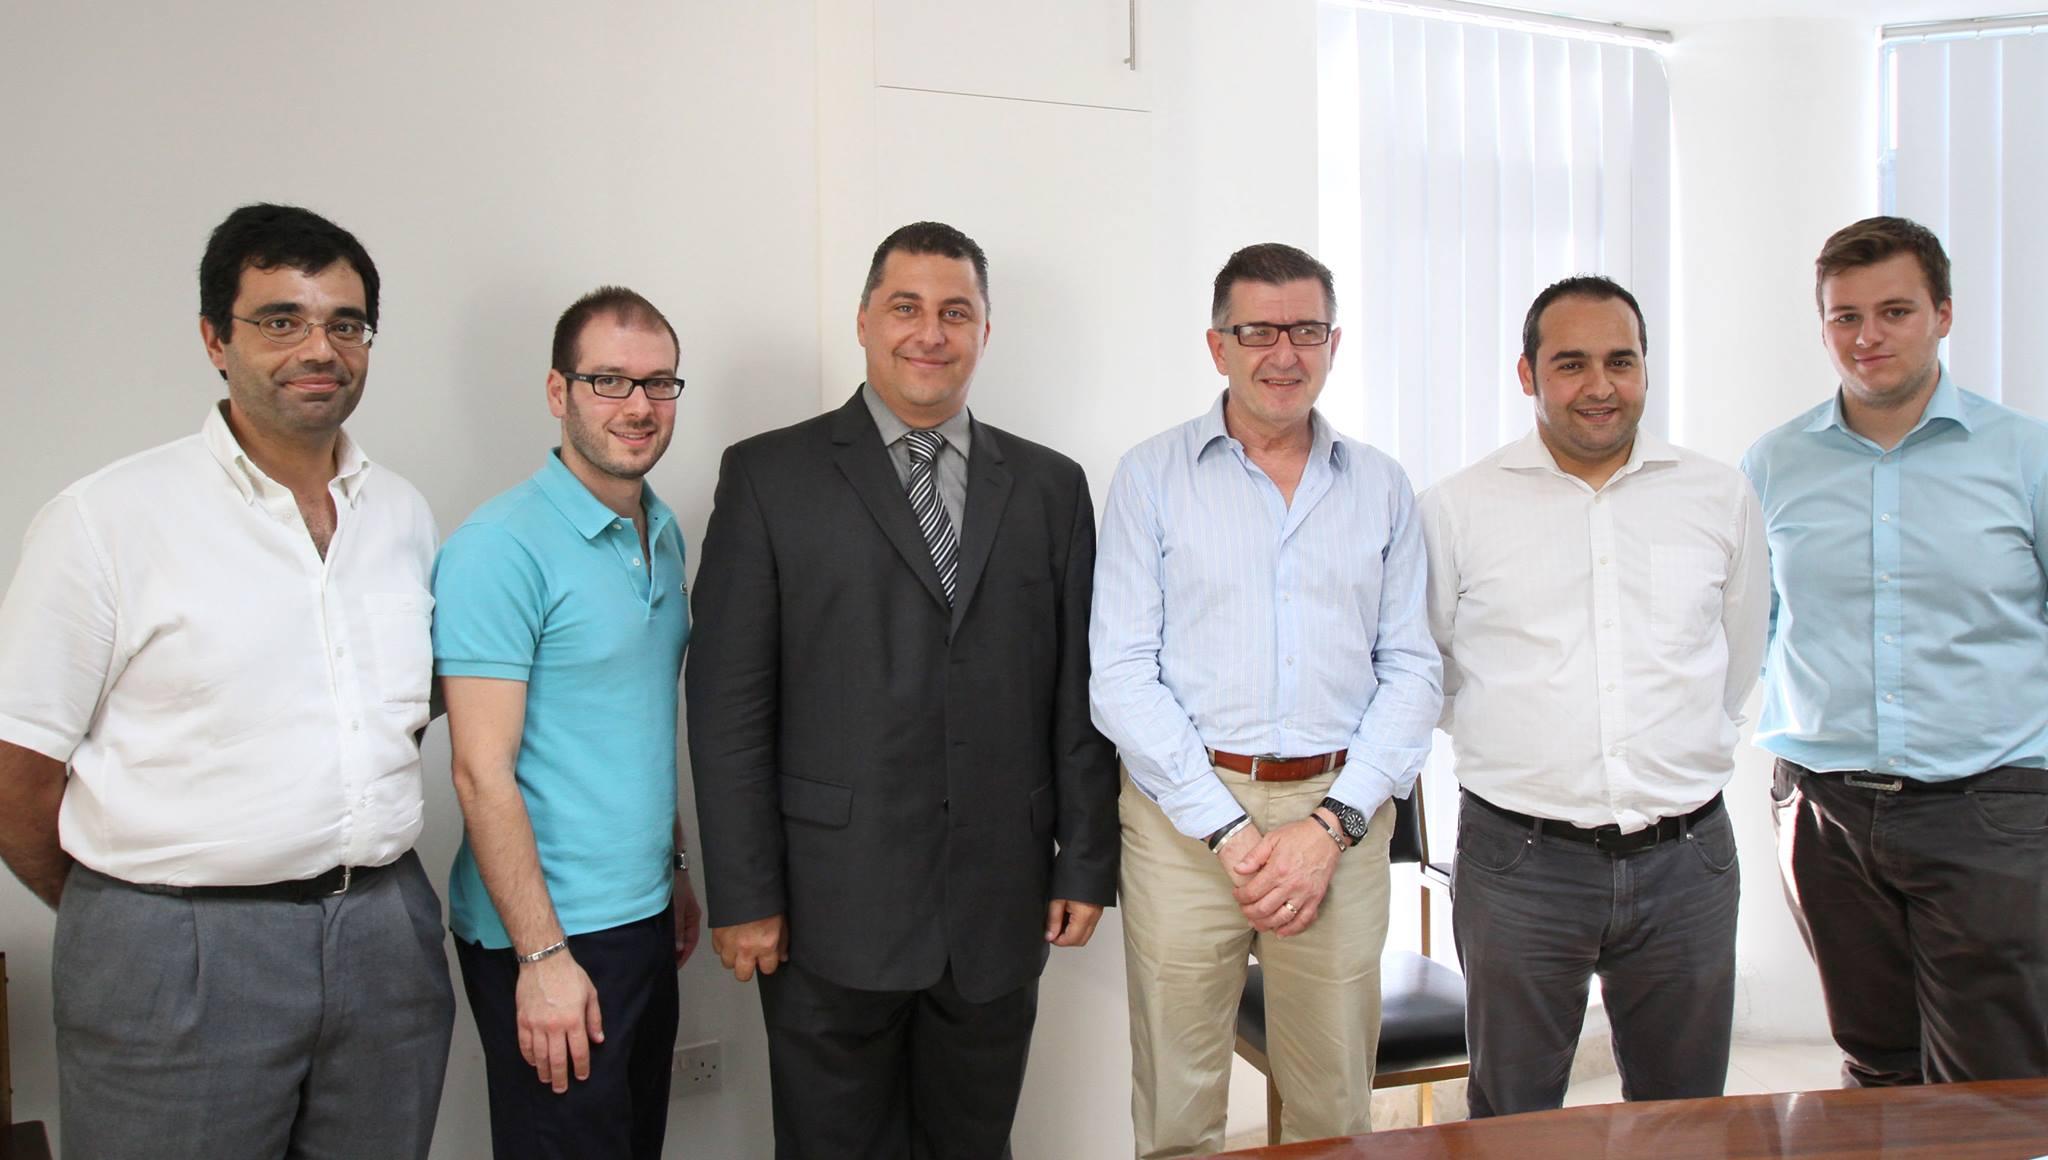 Robert Cutajar meeting